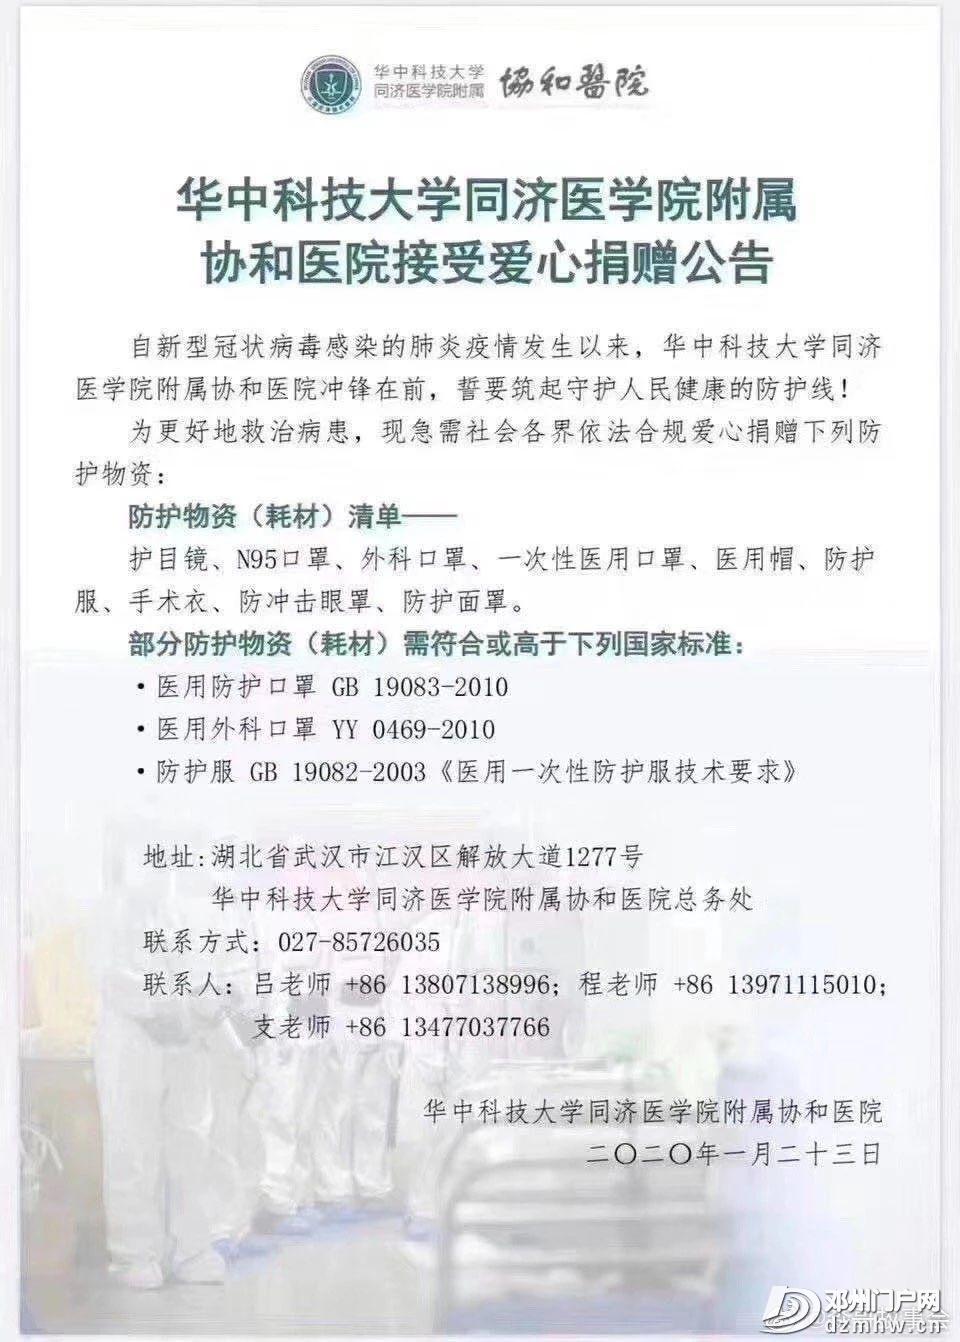 武汉医生向全国发出声嘶力竭的SOS求援信号! - 邓州门户网 邓州网 - cadb080f898116201e95c974bf66c9d3.jpg